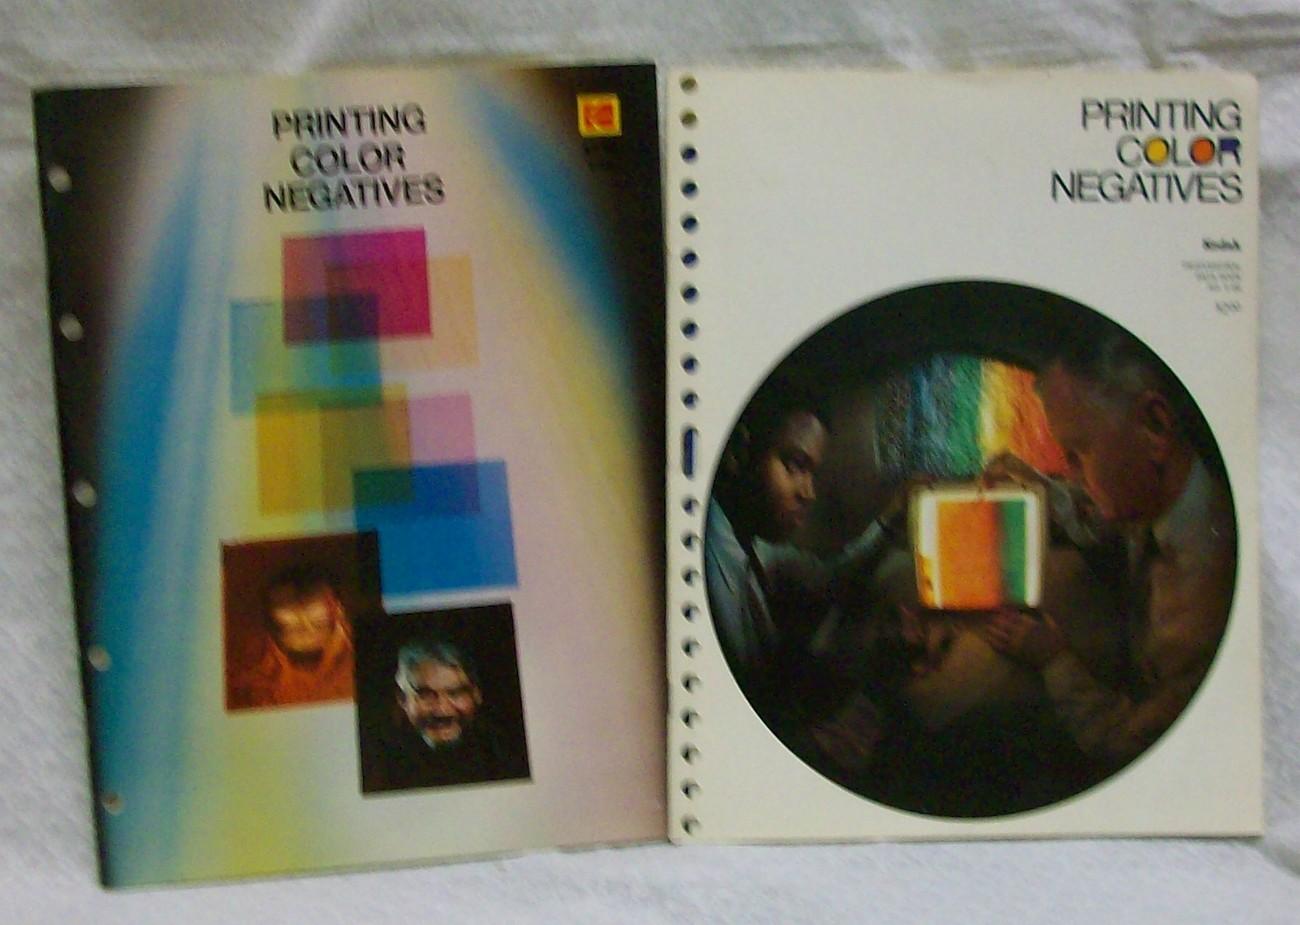 Printcolornegative